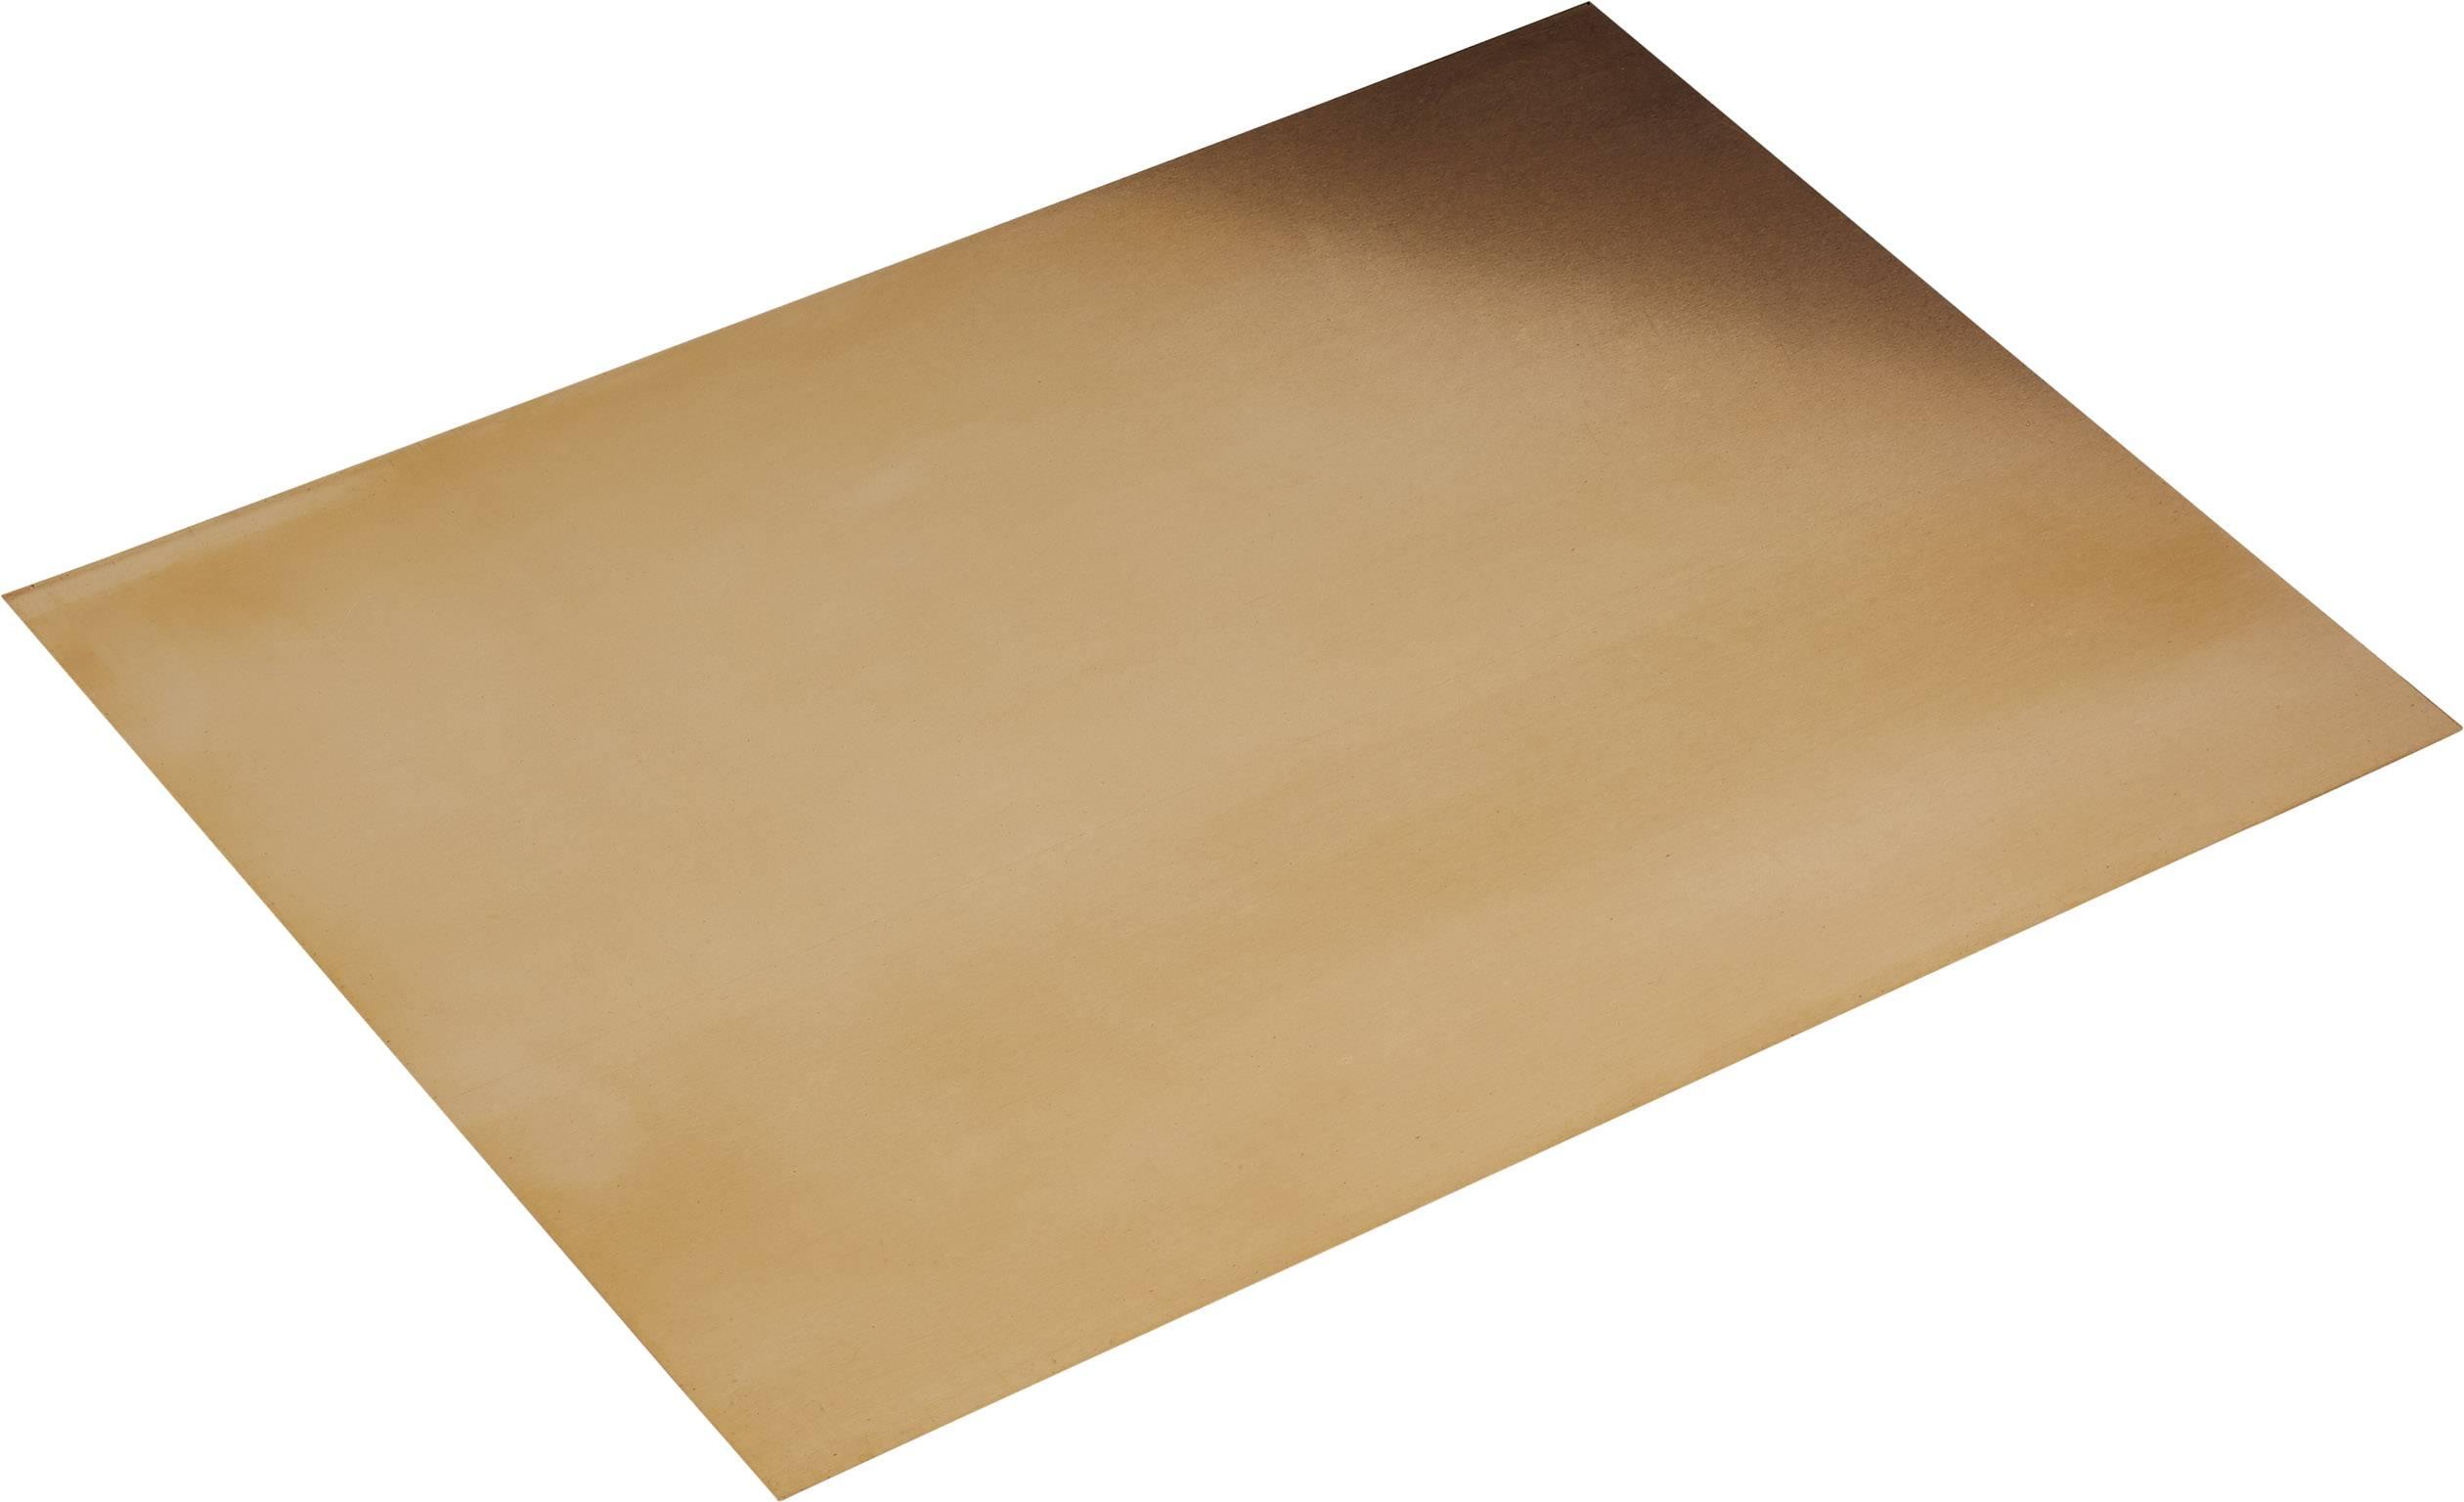 Fosforbronzová deska Modelcraft 200 x 150 x 0,25 mm